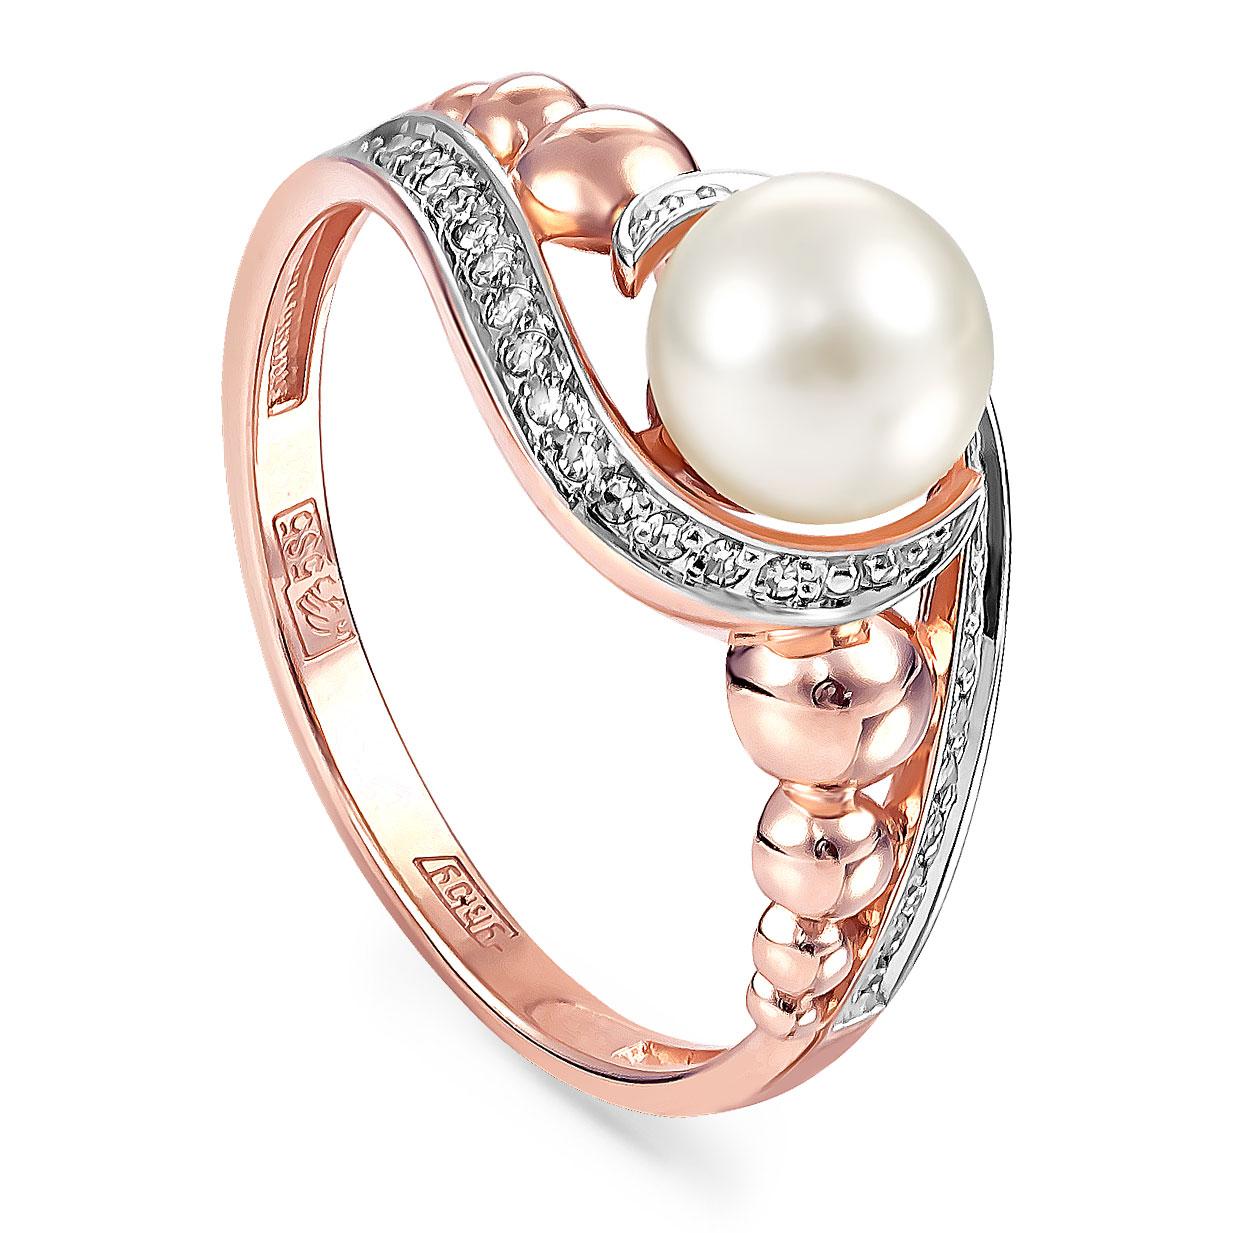 Золотое кольцо Бриллиант и Жемчуг арт. 11-01101-1500 11-01101-1500